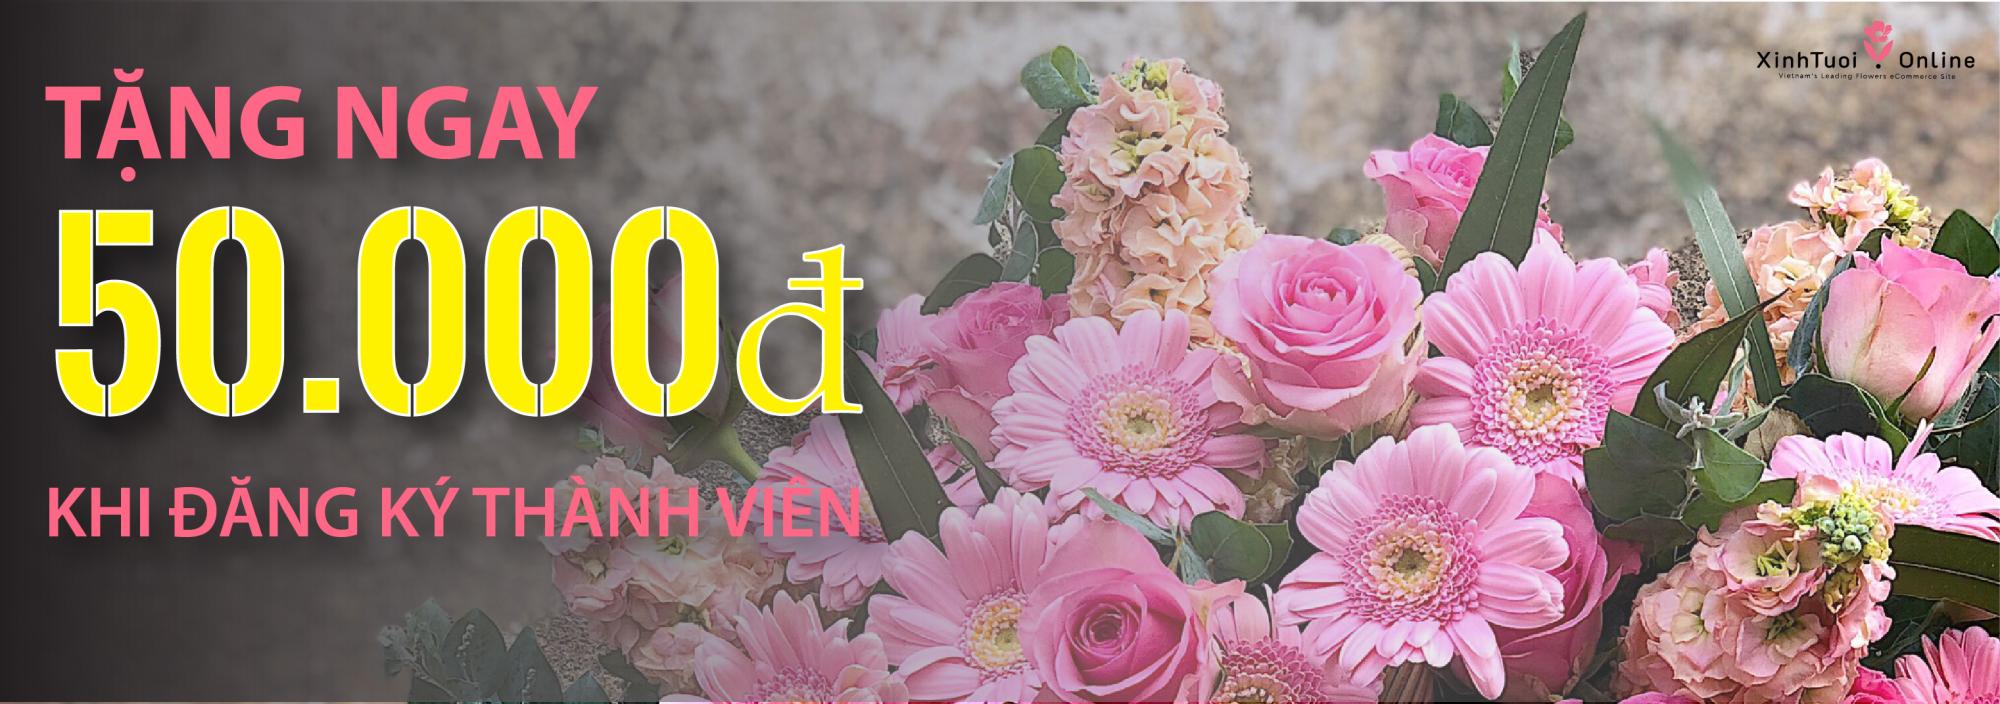 Đăng ký Xinh Tươi Online, nhận ngay 50.000đ - xinhtuoi.online